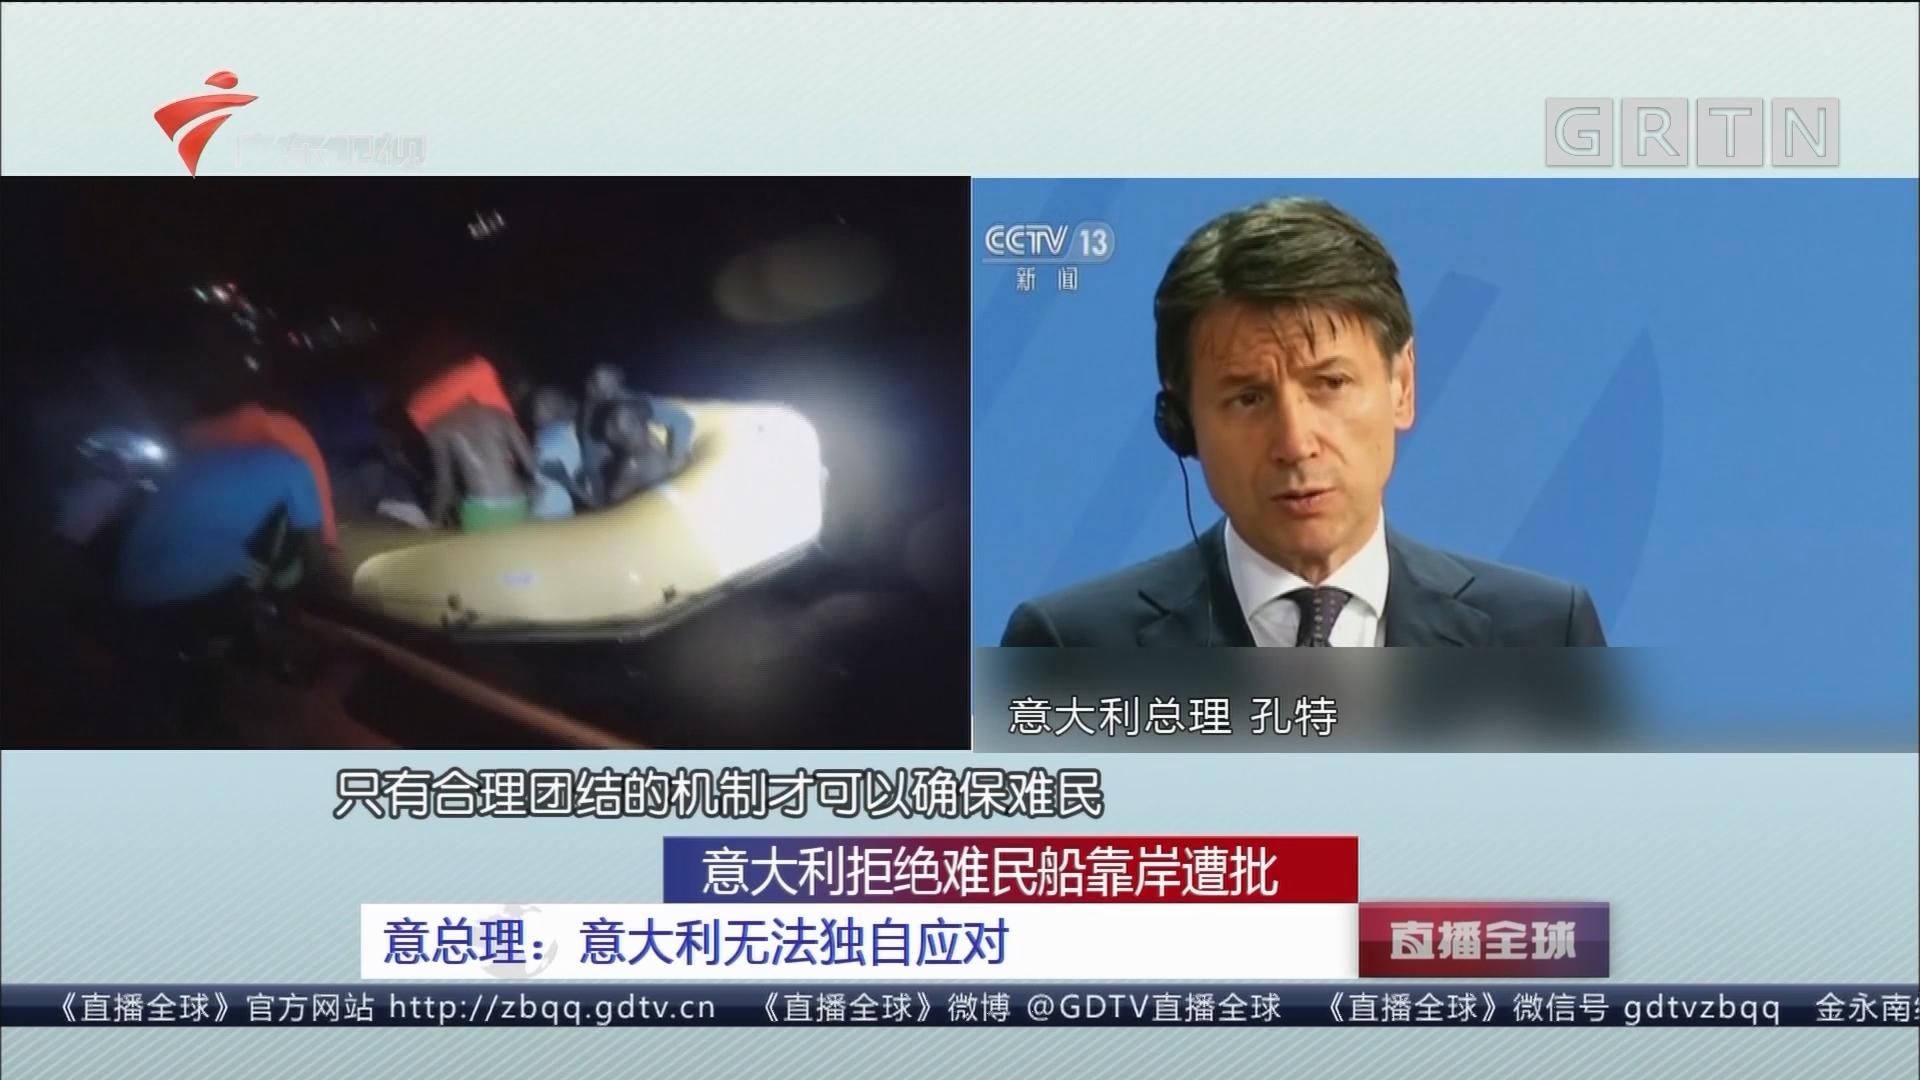 意大利拒绝难民船靠岸遭批:意总理:意大利无法独自应对